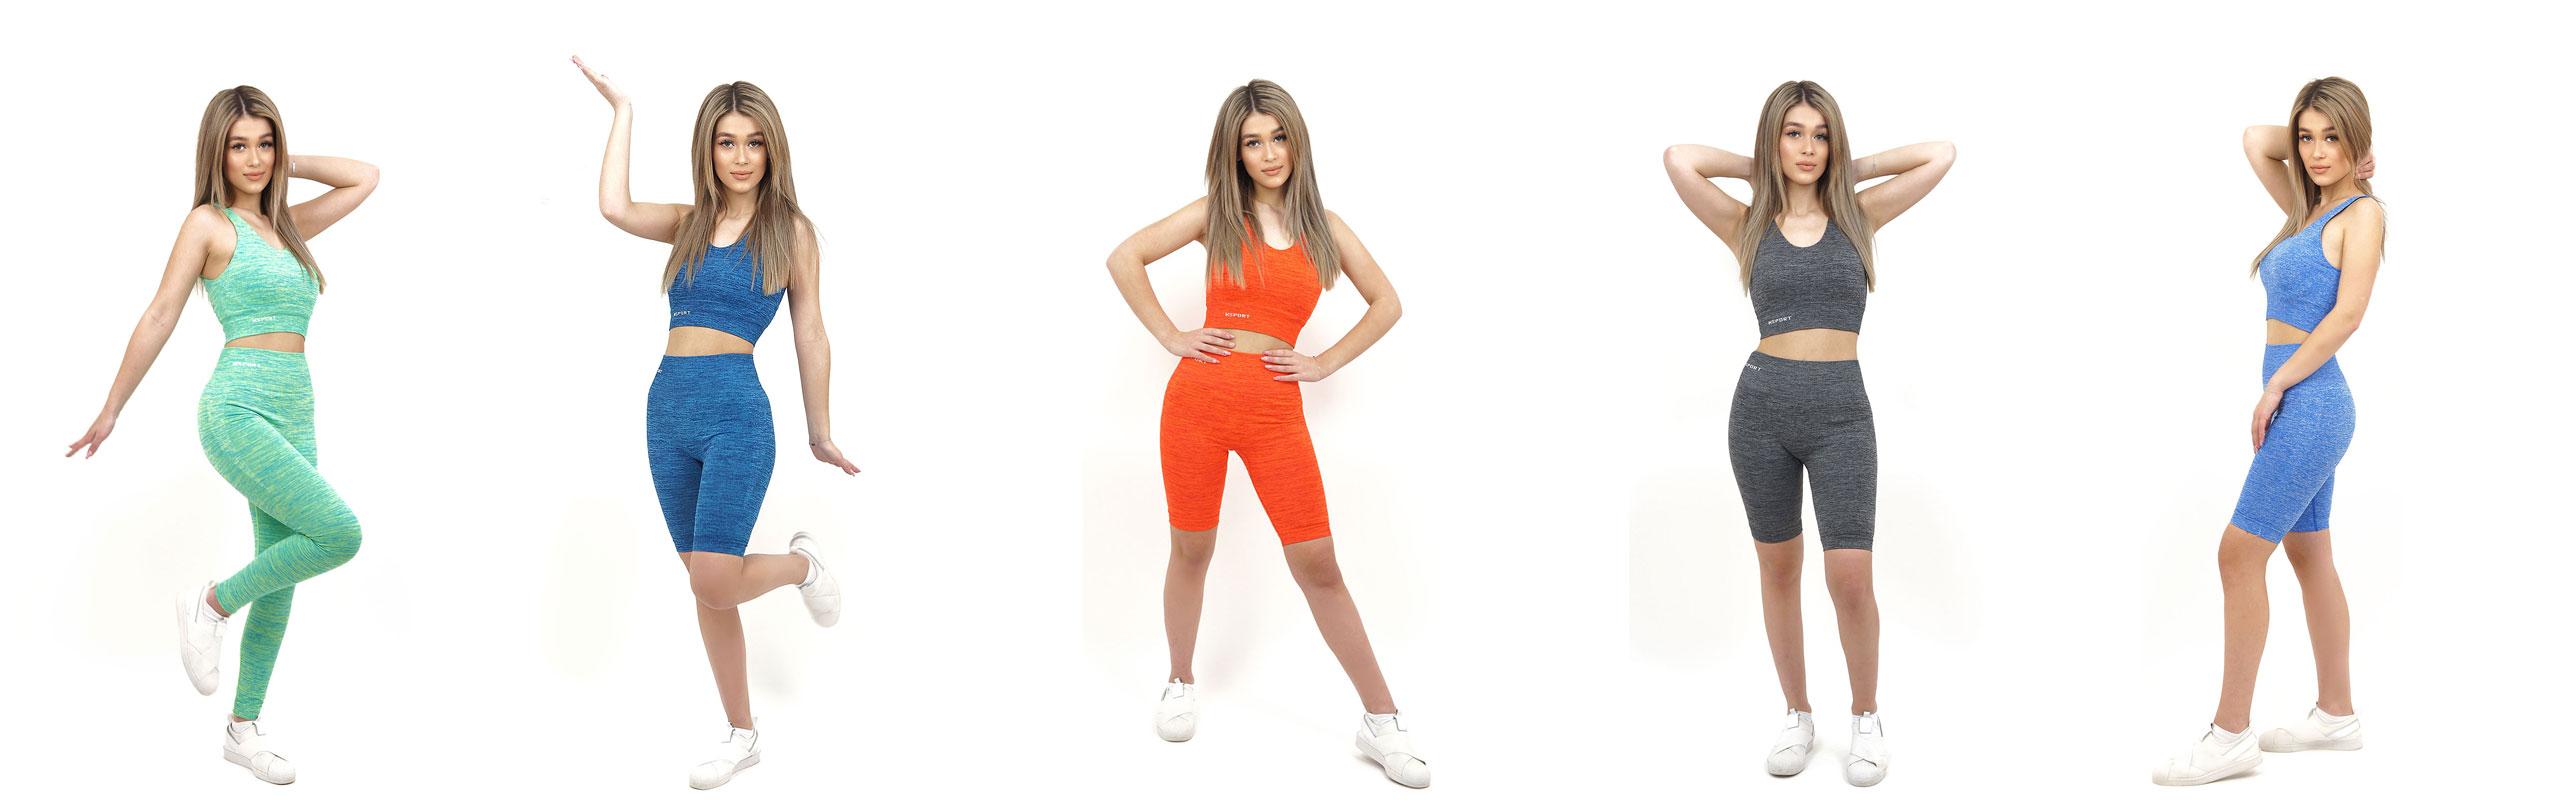 серия спортни облекла KFLUSH на маркта KSPORT